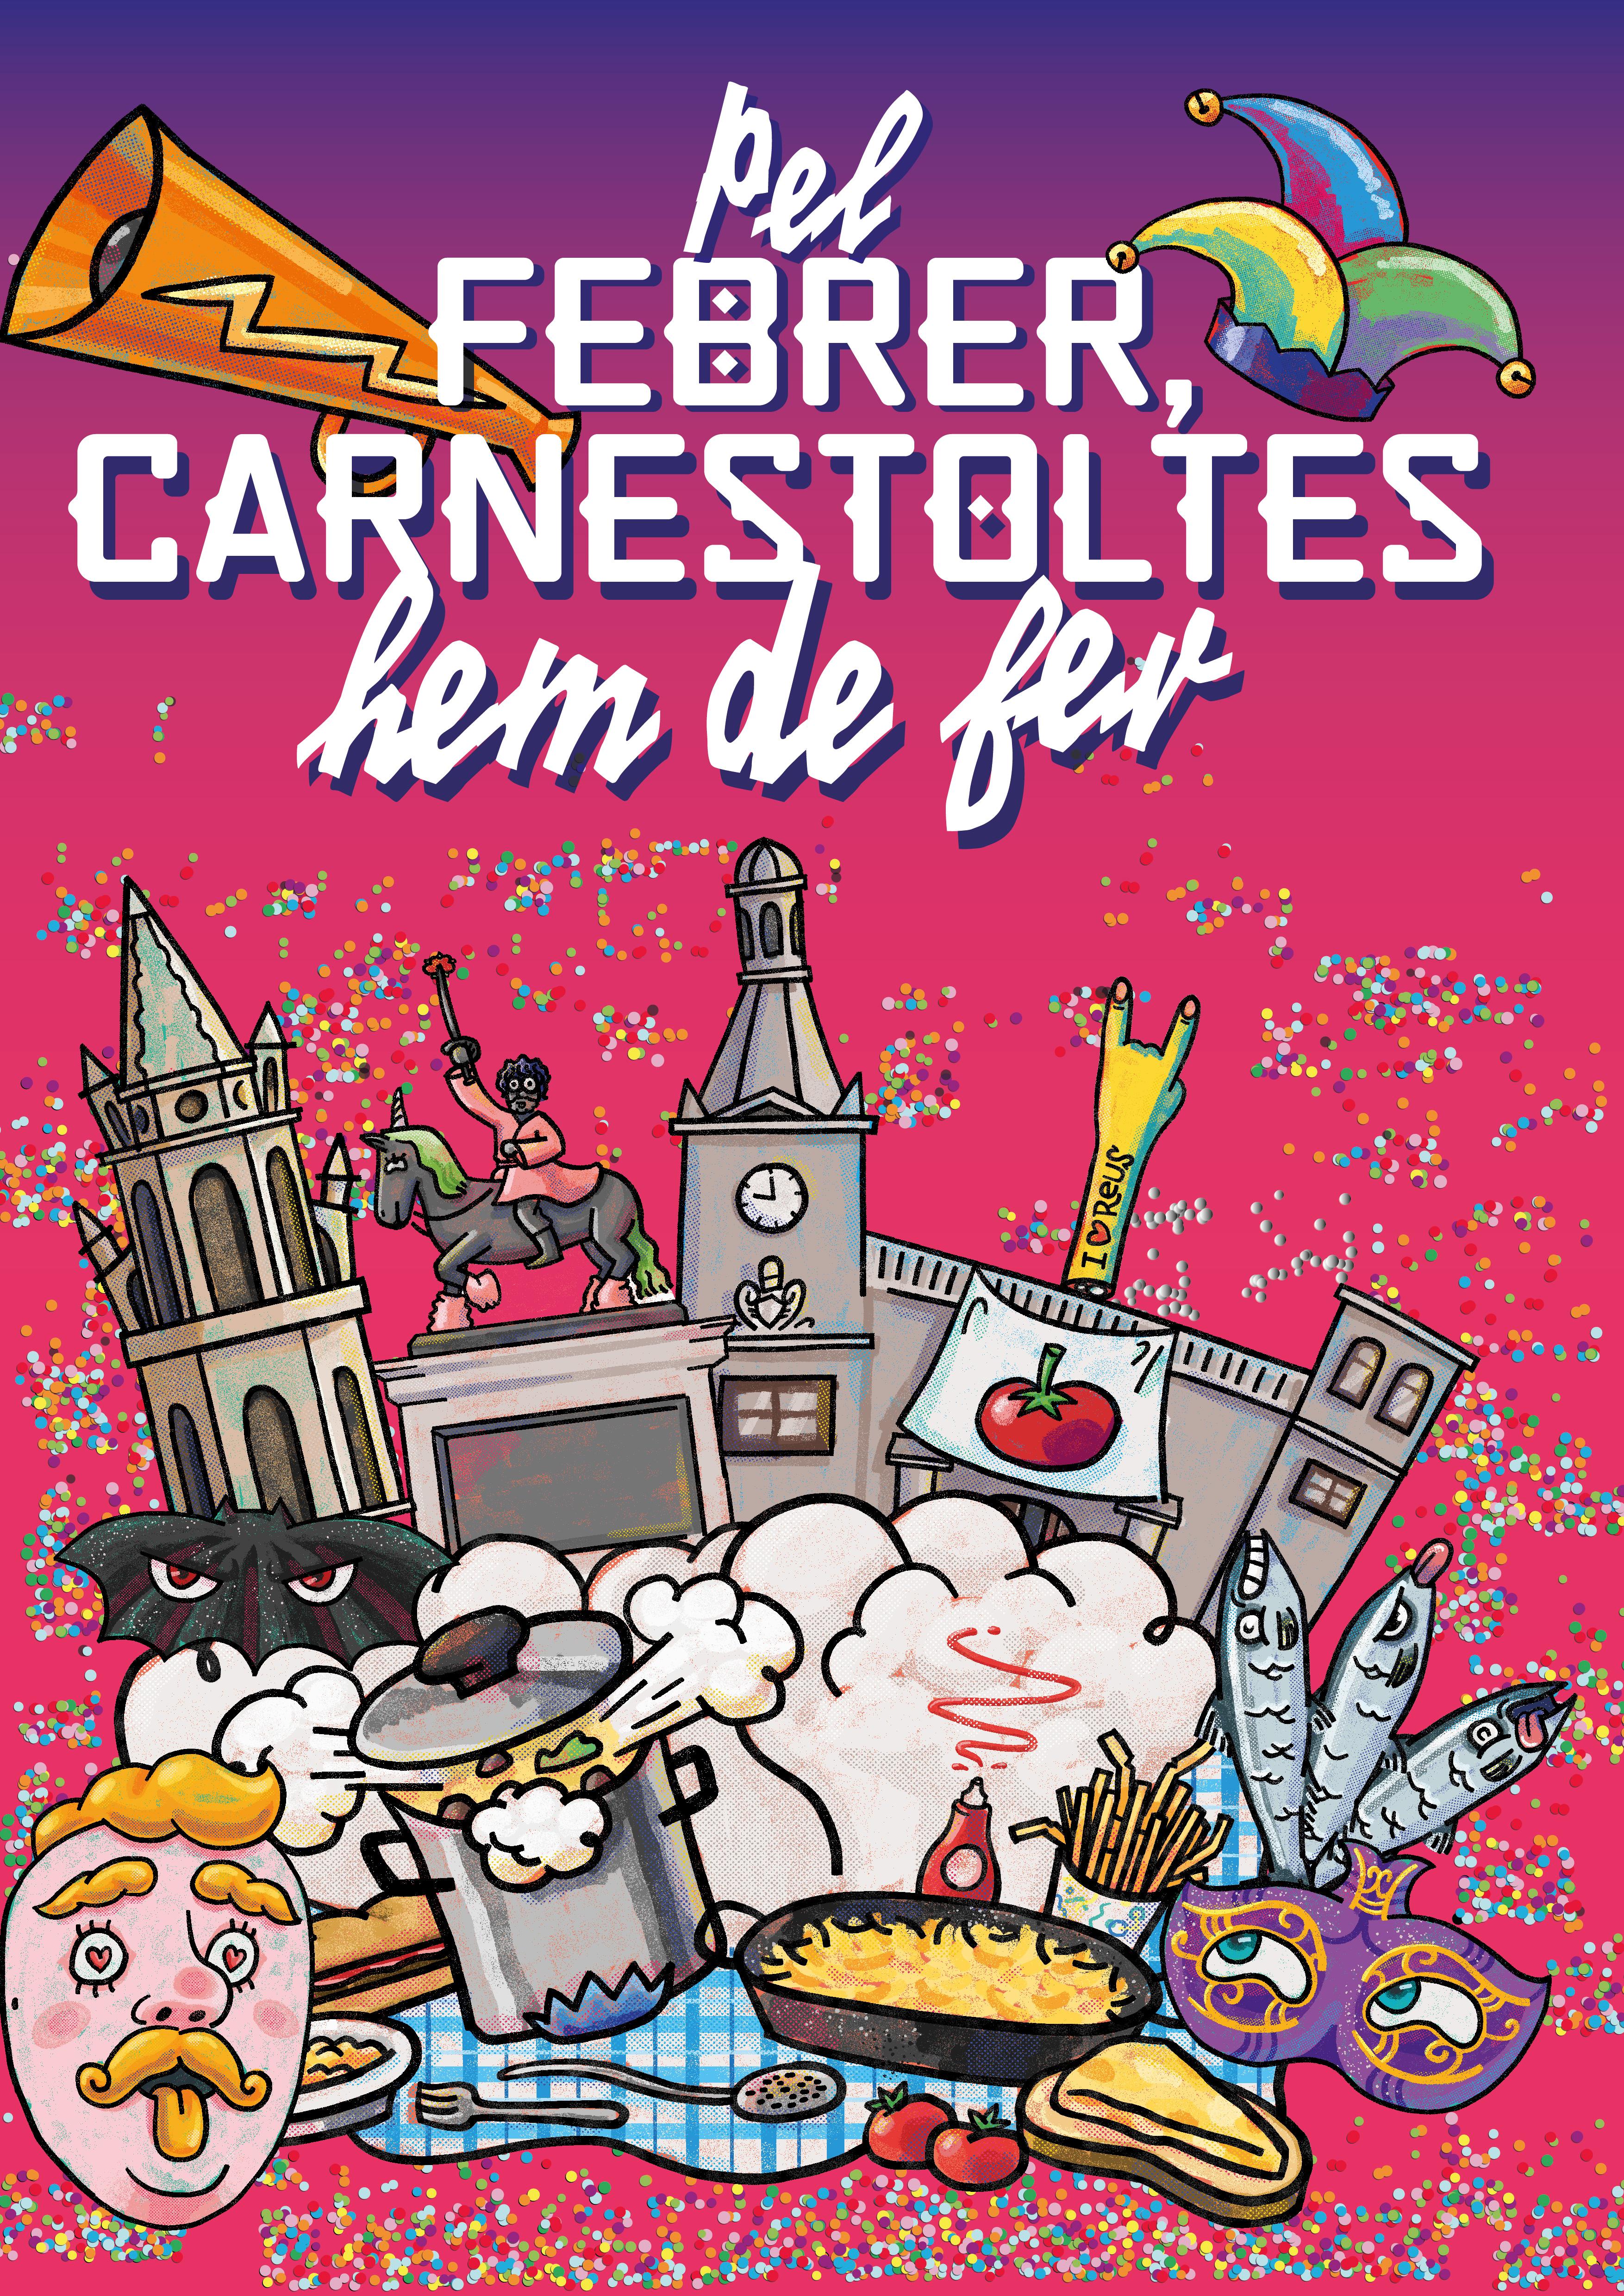 Una mostra sobre el Carnaval centrarà els actes d'aquest 2021 a Reus. Les circumstàncies actuals arran de la pandèmia de la COVID19 co...